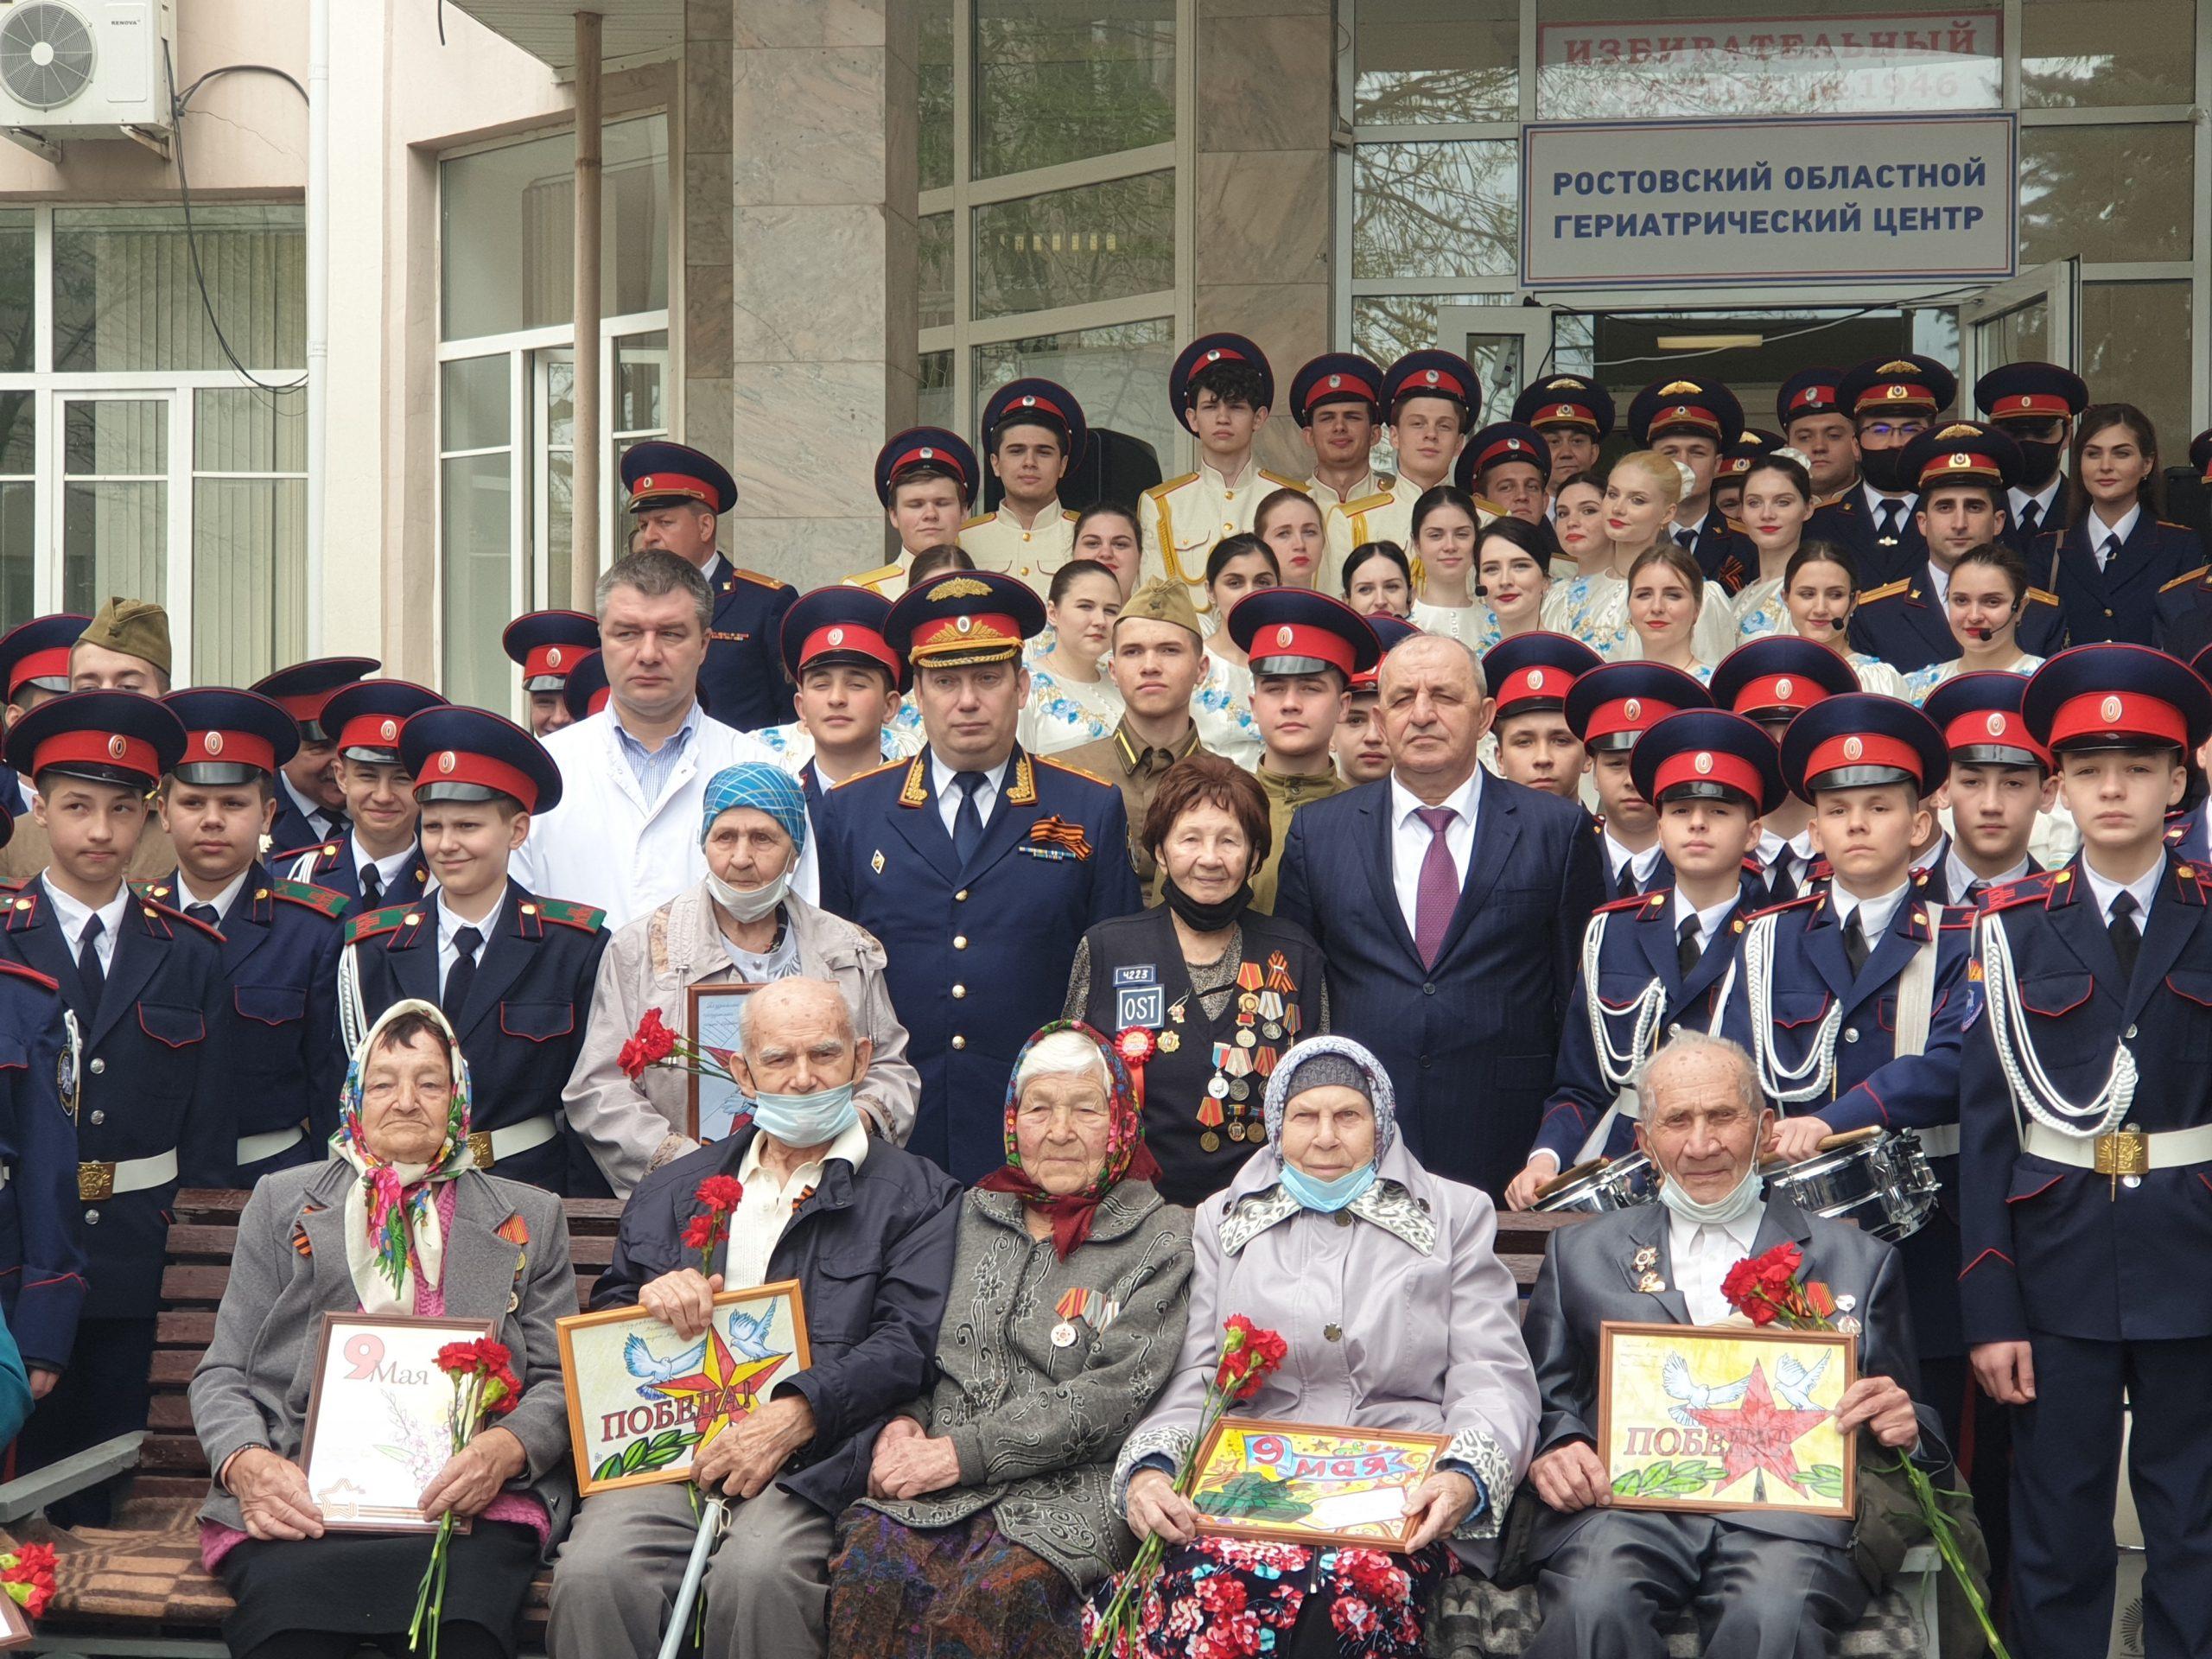 Кадеты поздравили ветеранов Великой Отечественной войны с наступающим праздником Победы